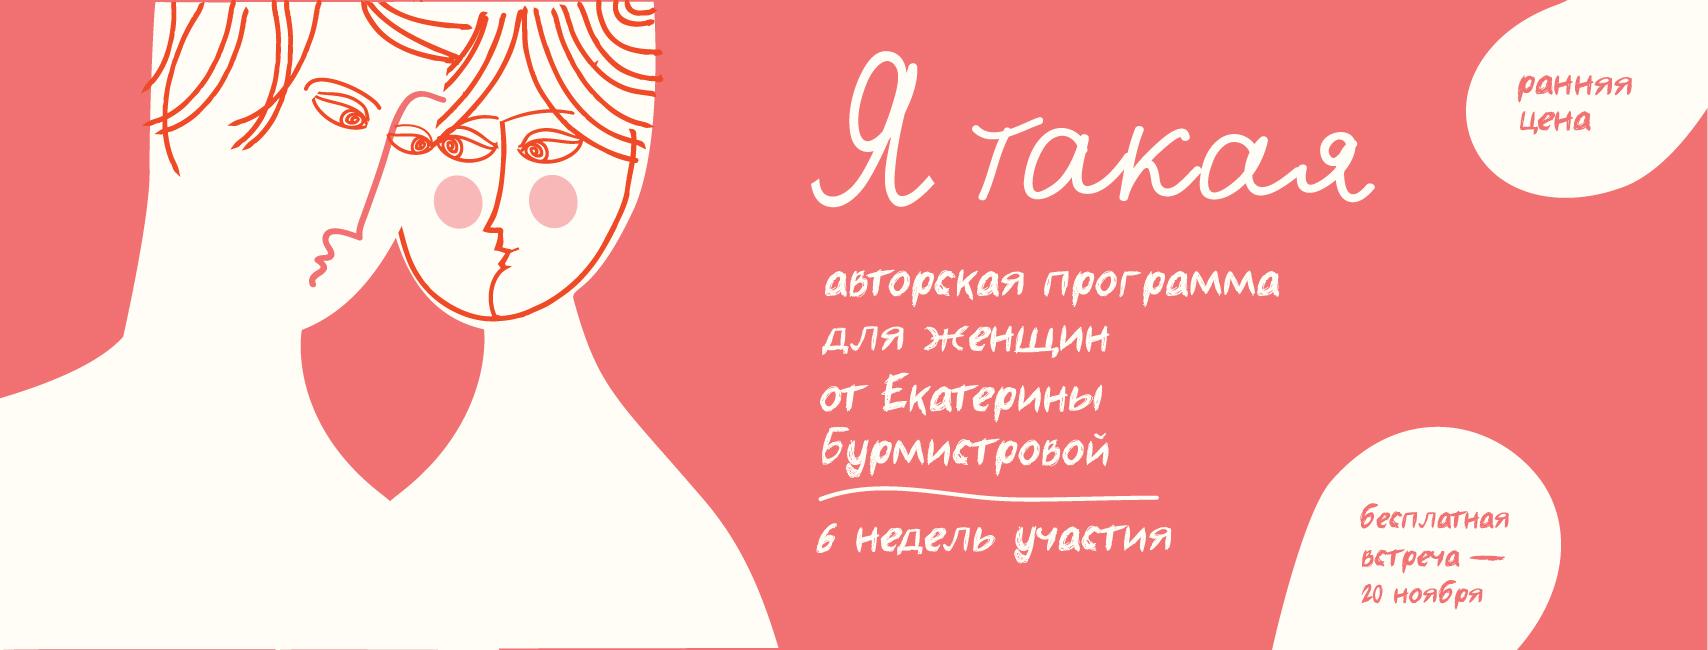 Узнать больше >>>